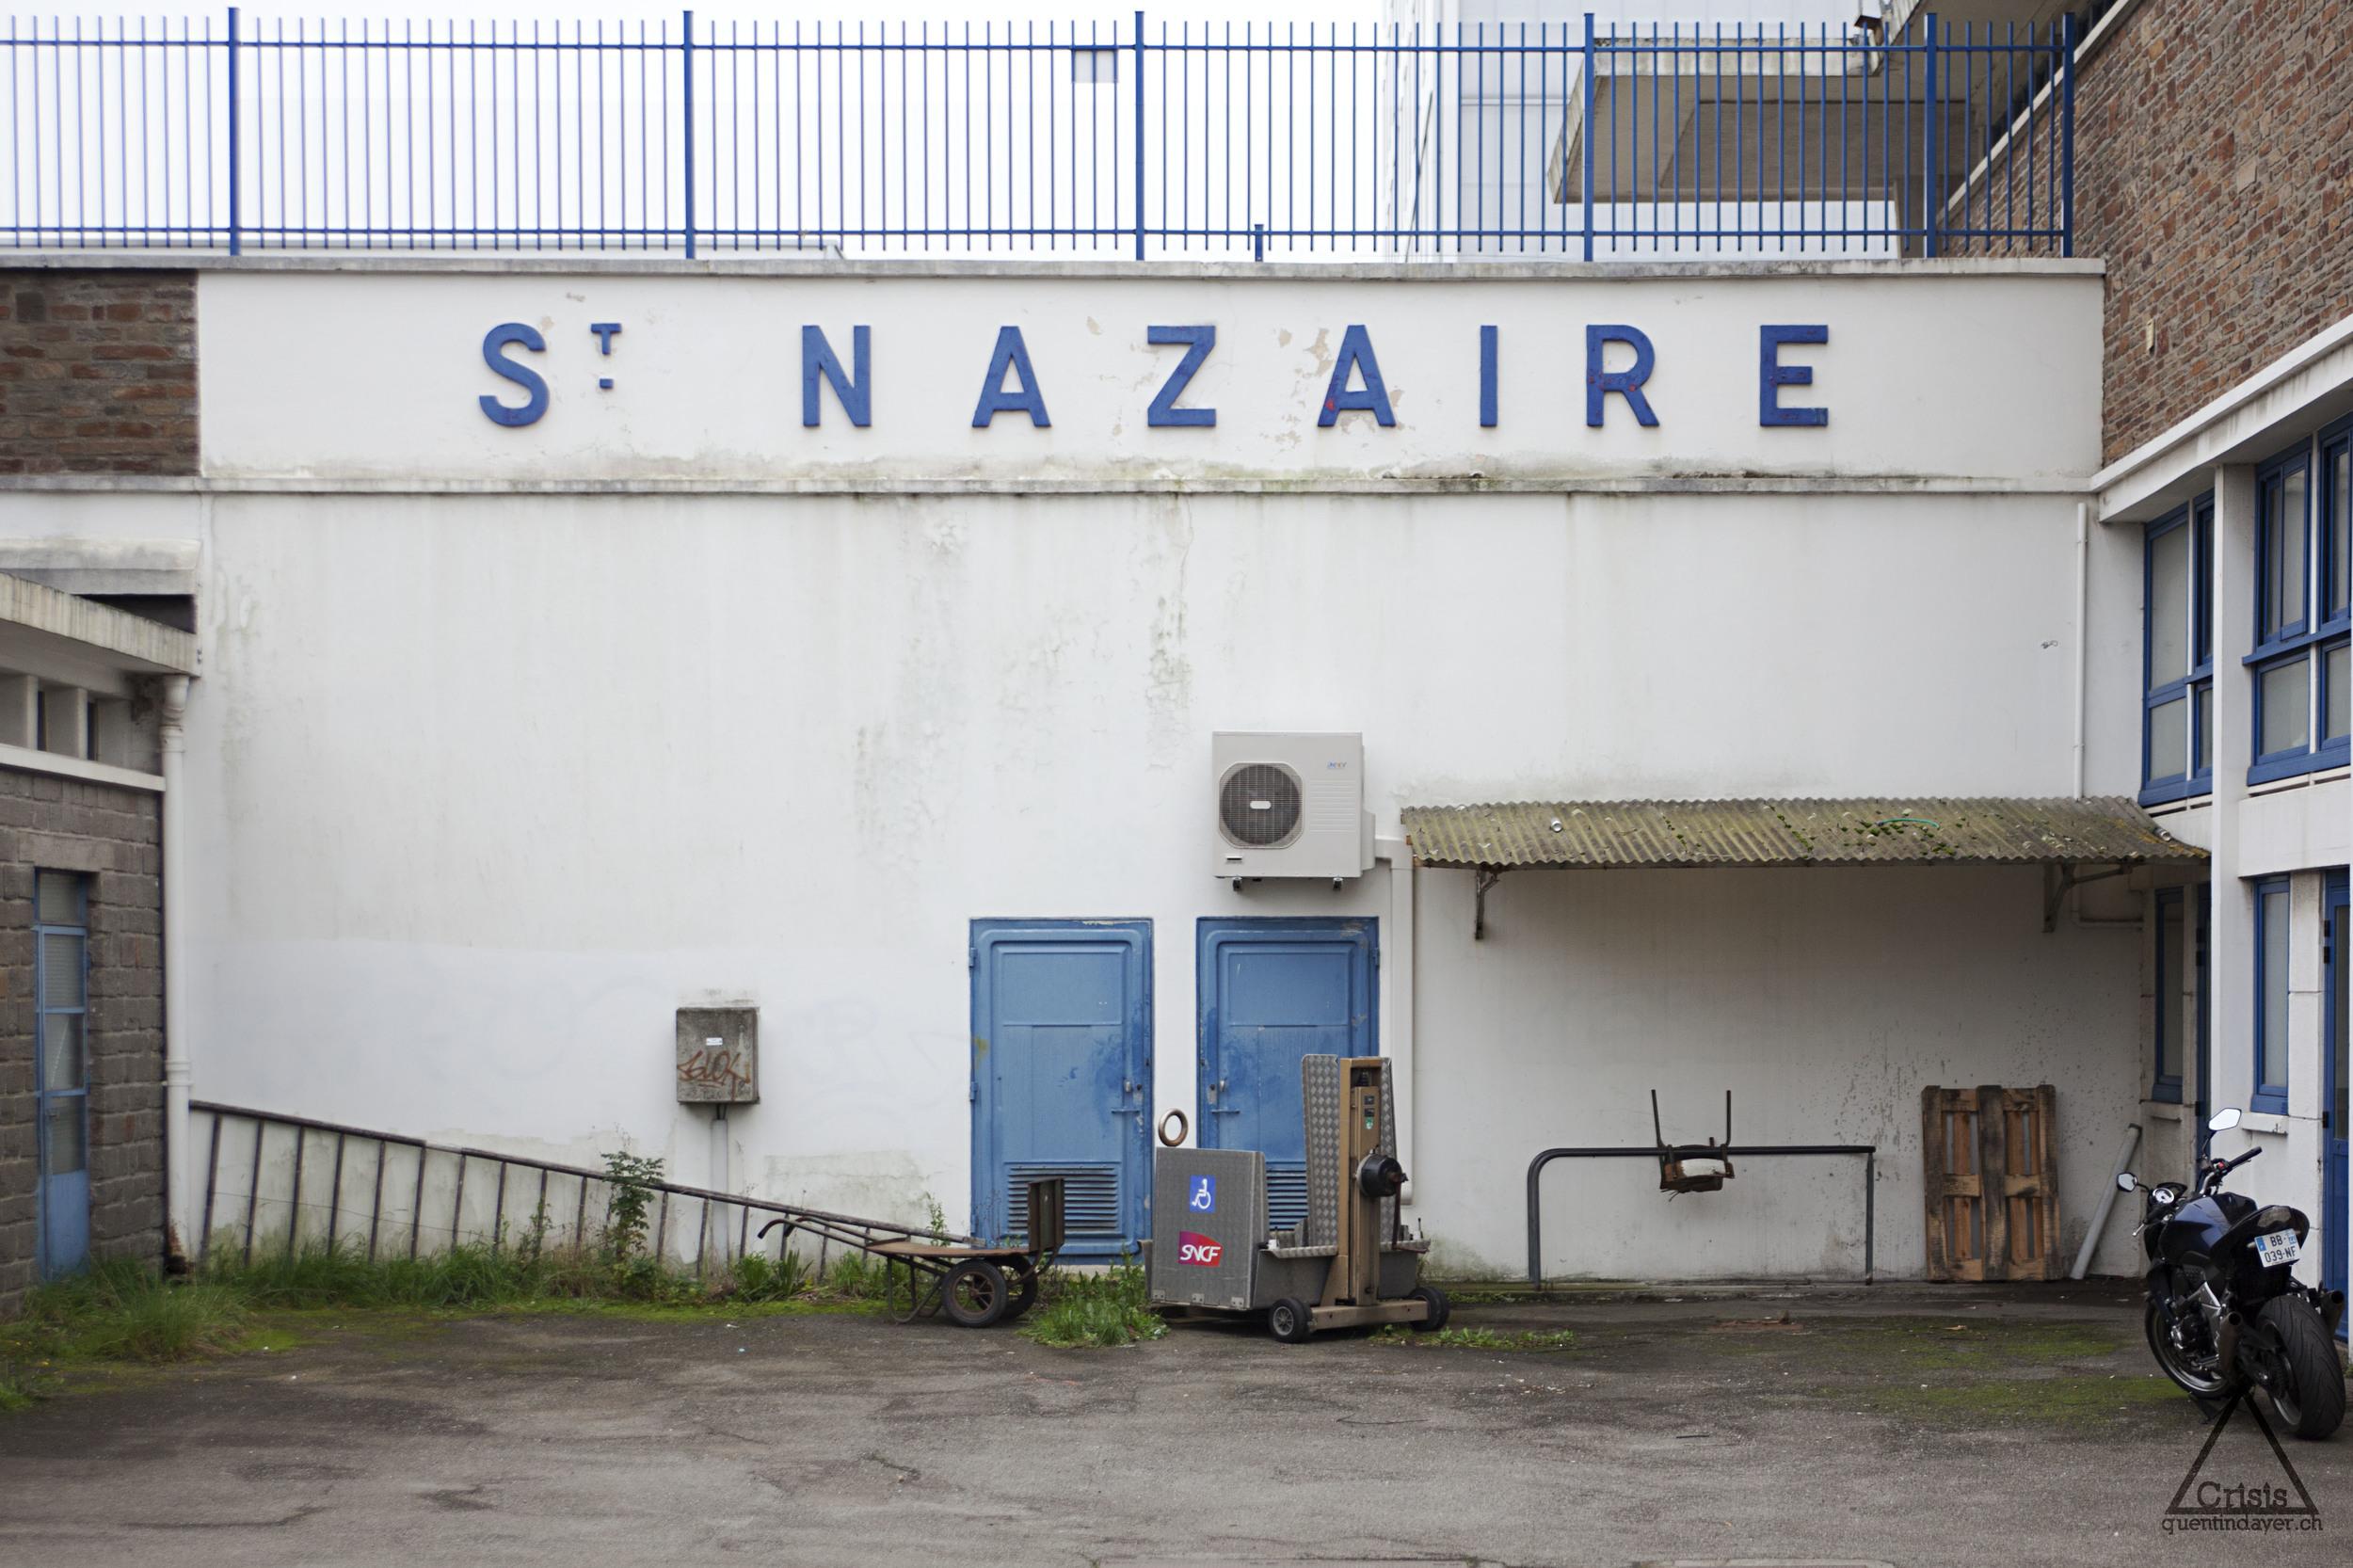 St. Nazaire Station